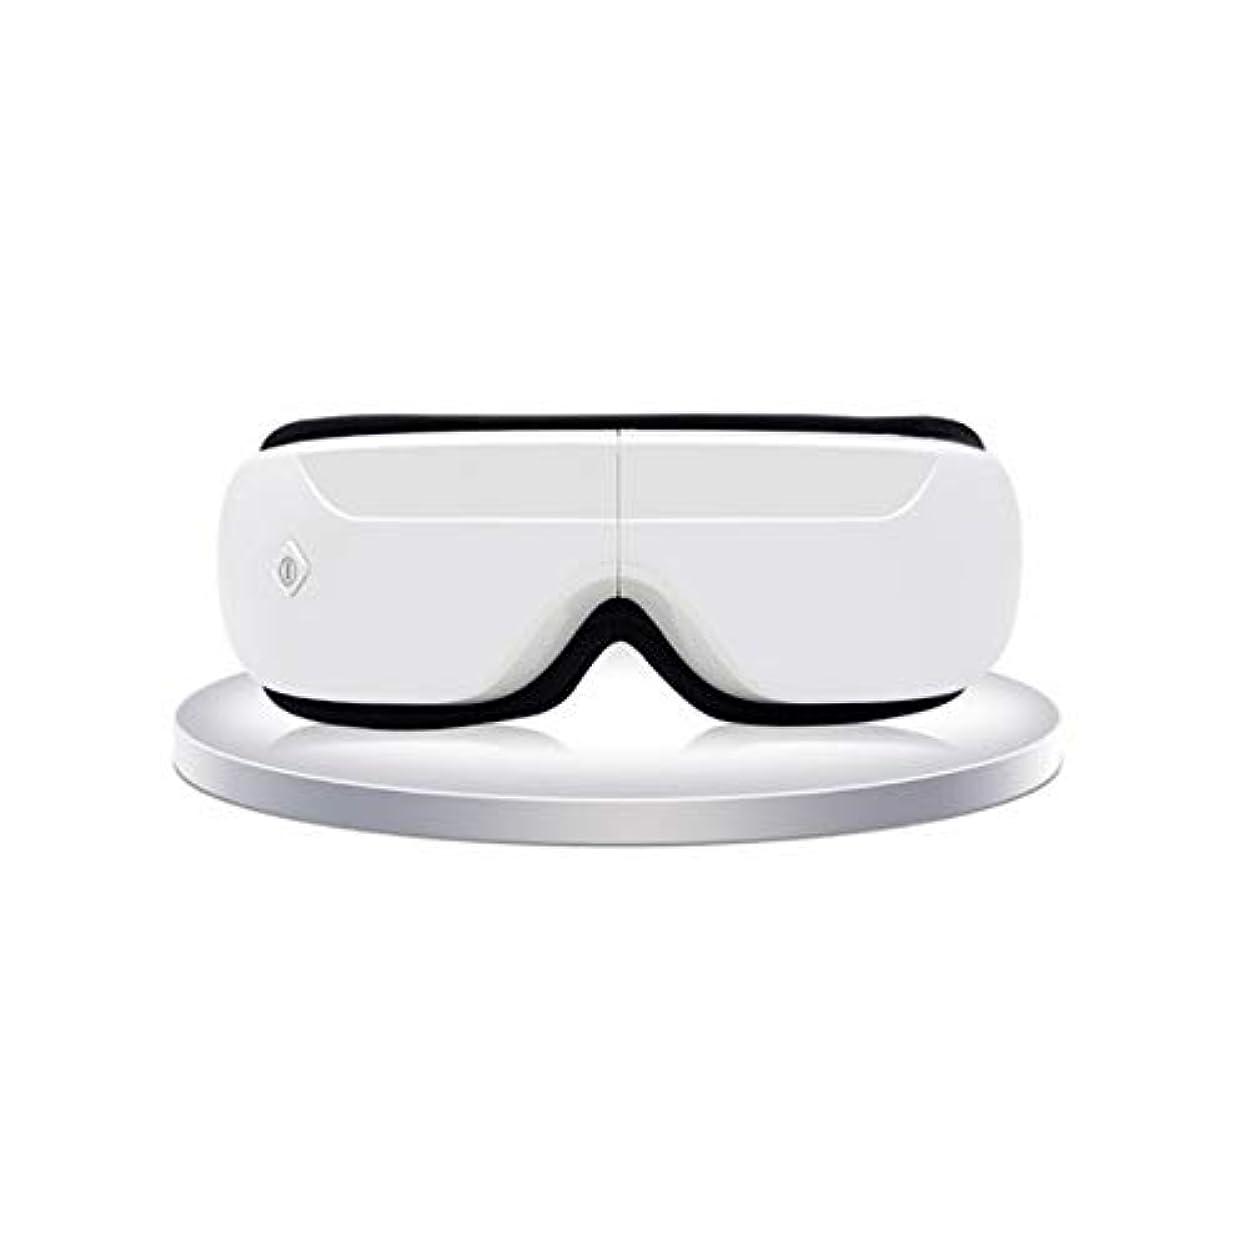 船外加速する復活するマッサージ器 - 熱を緩和するアイケア機器アイマスク疲労マッサージ器 (Color : White)